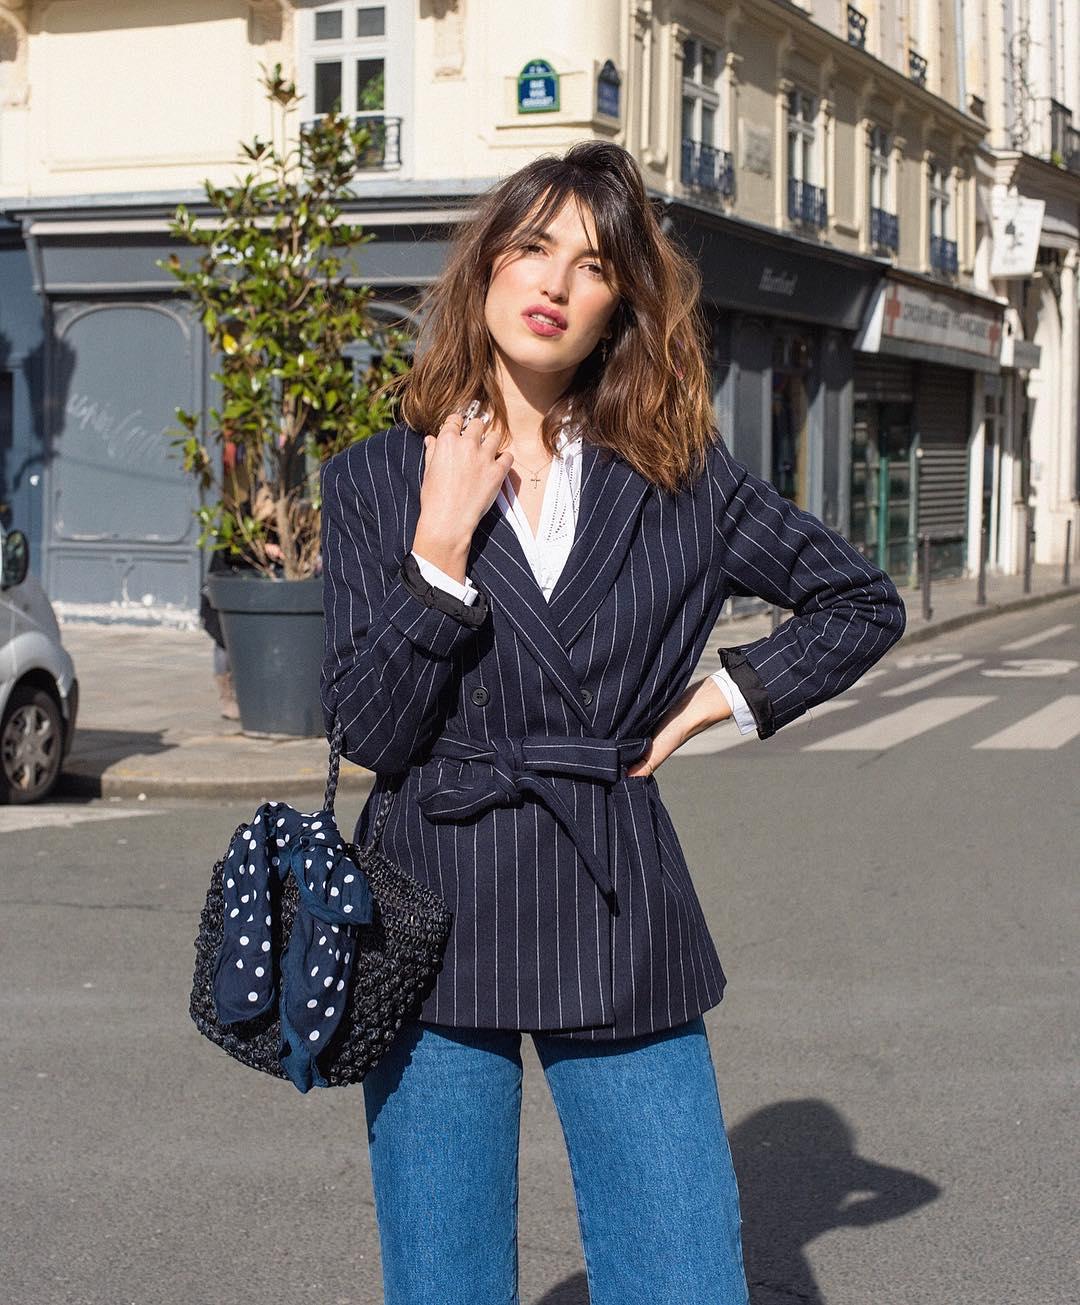 Thời trang Pháp của Jeanne Damas với áo blazer sọc, quần jeans, đeo túi cói đen